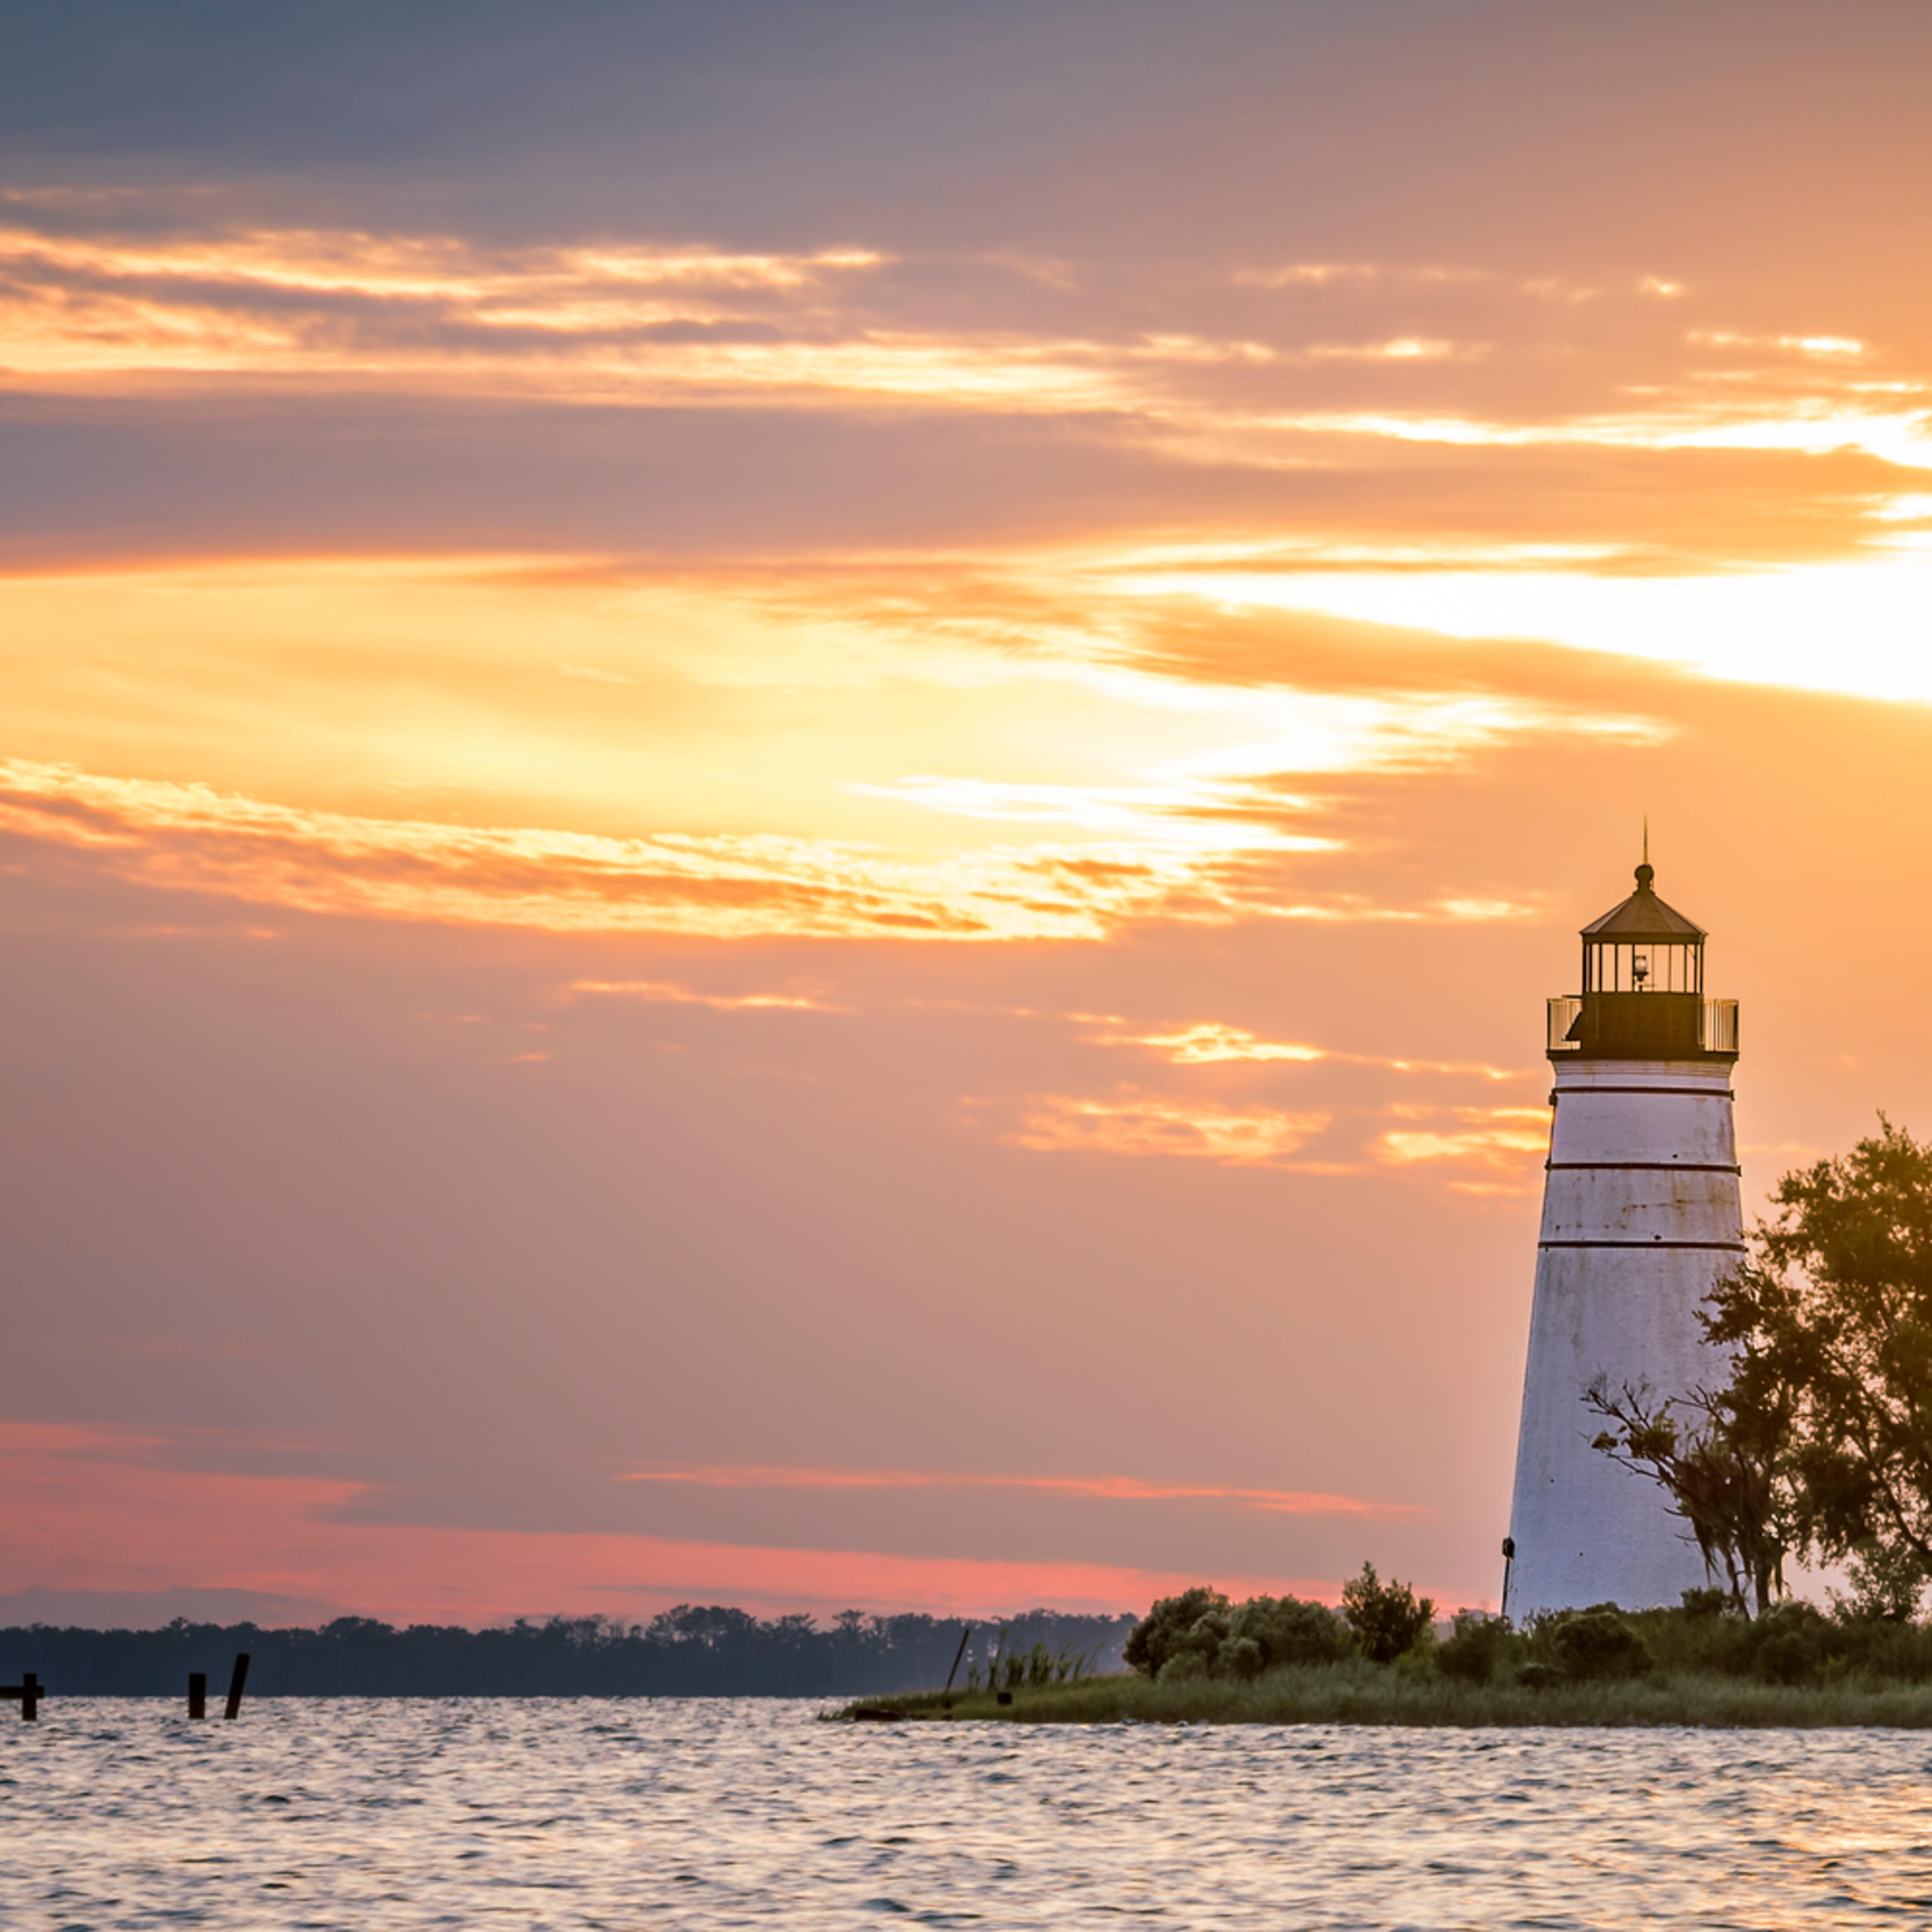 Madisonville lighthouse 1015 3 ftraai